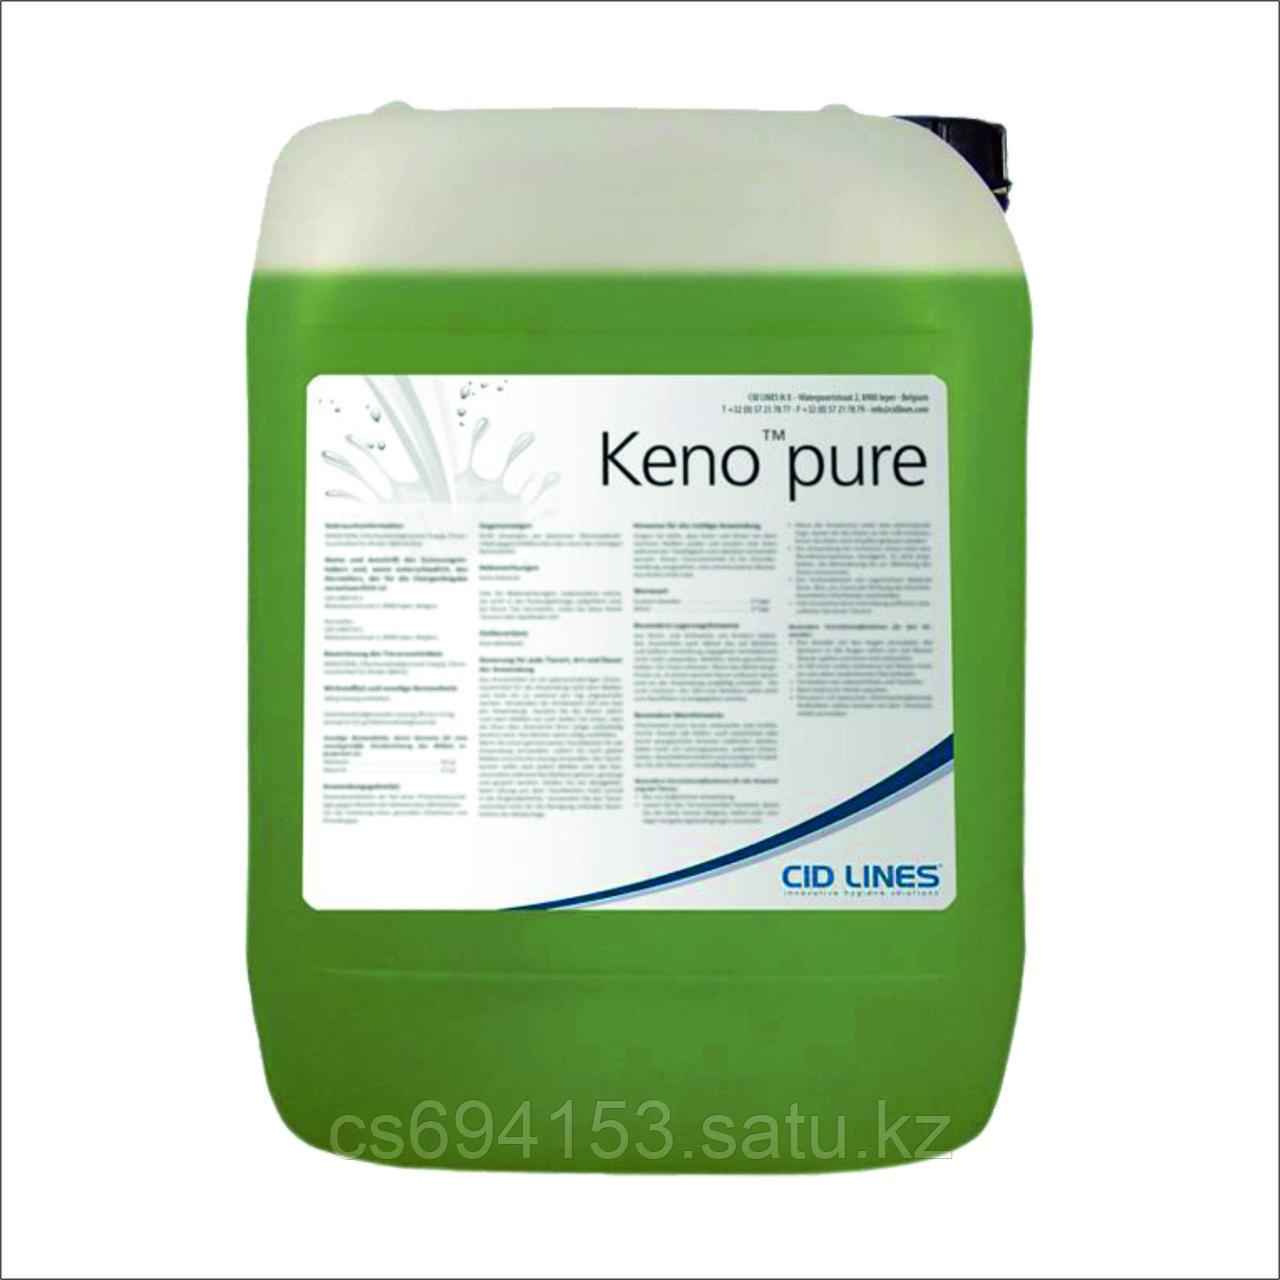 Кенoпур Стронг (Kenopure Strong): дезинфицирующее средство для гигиены перед доением